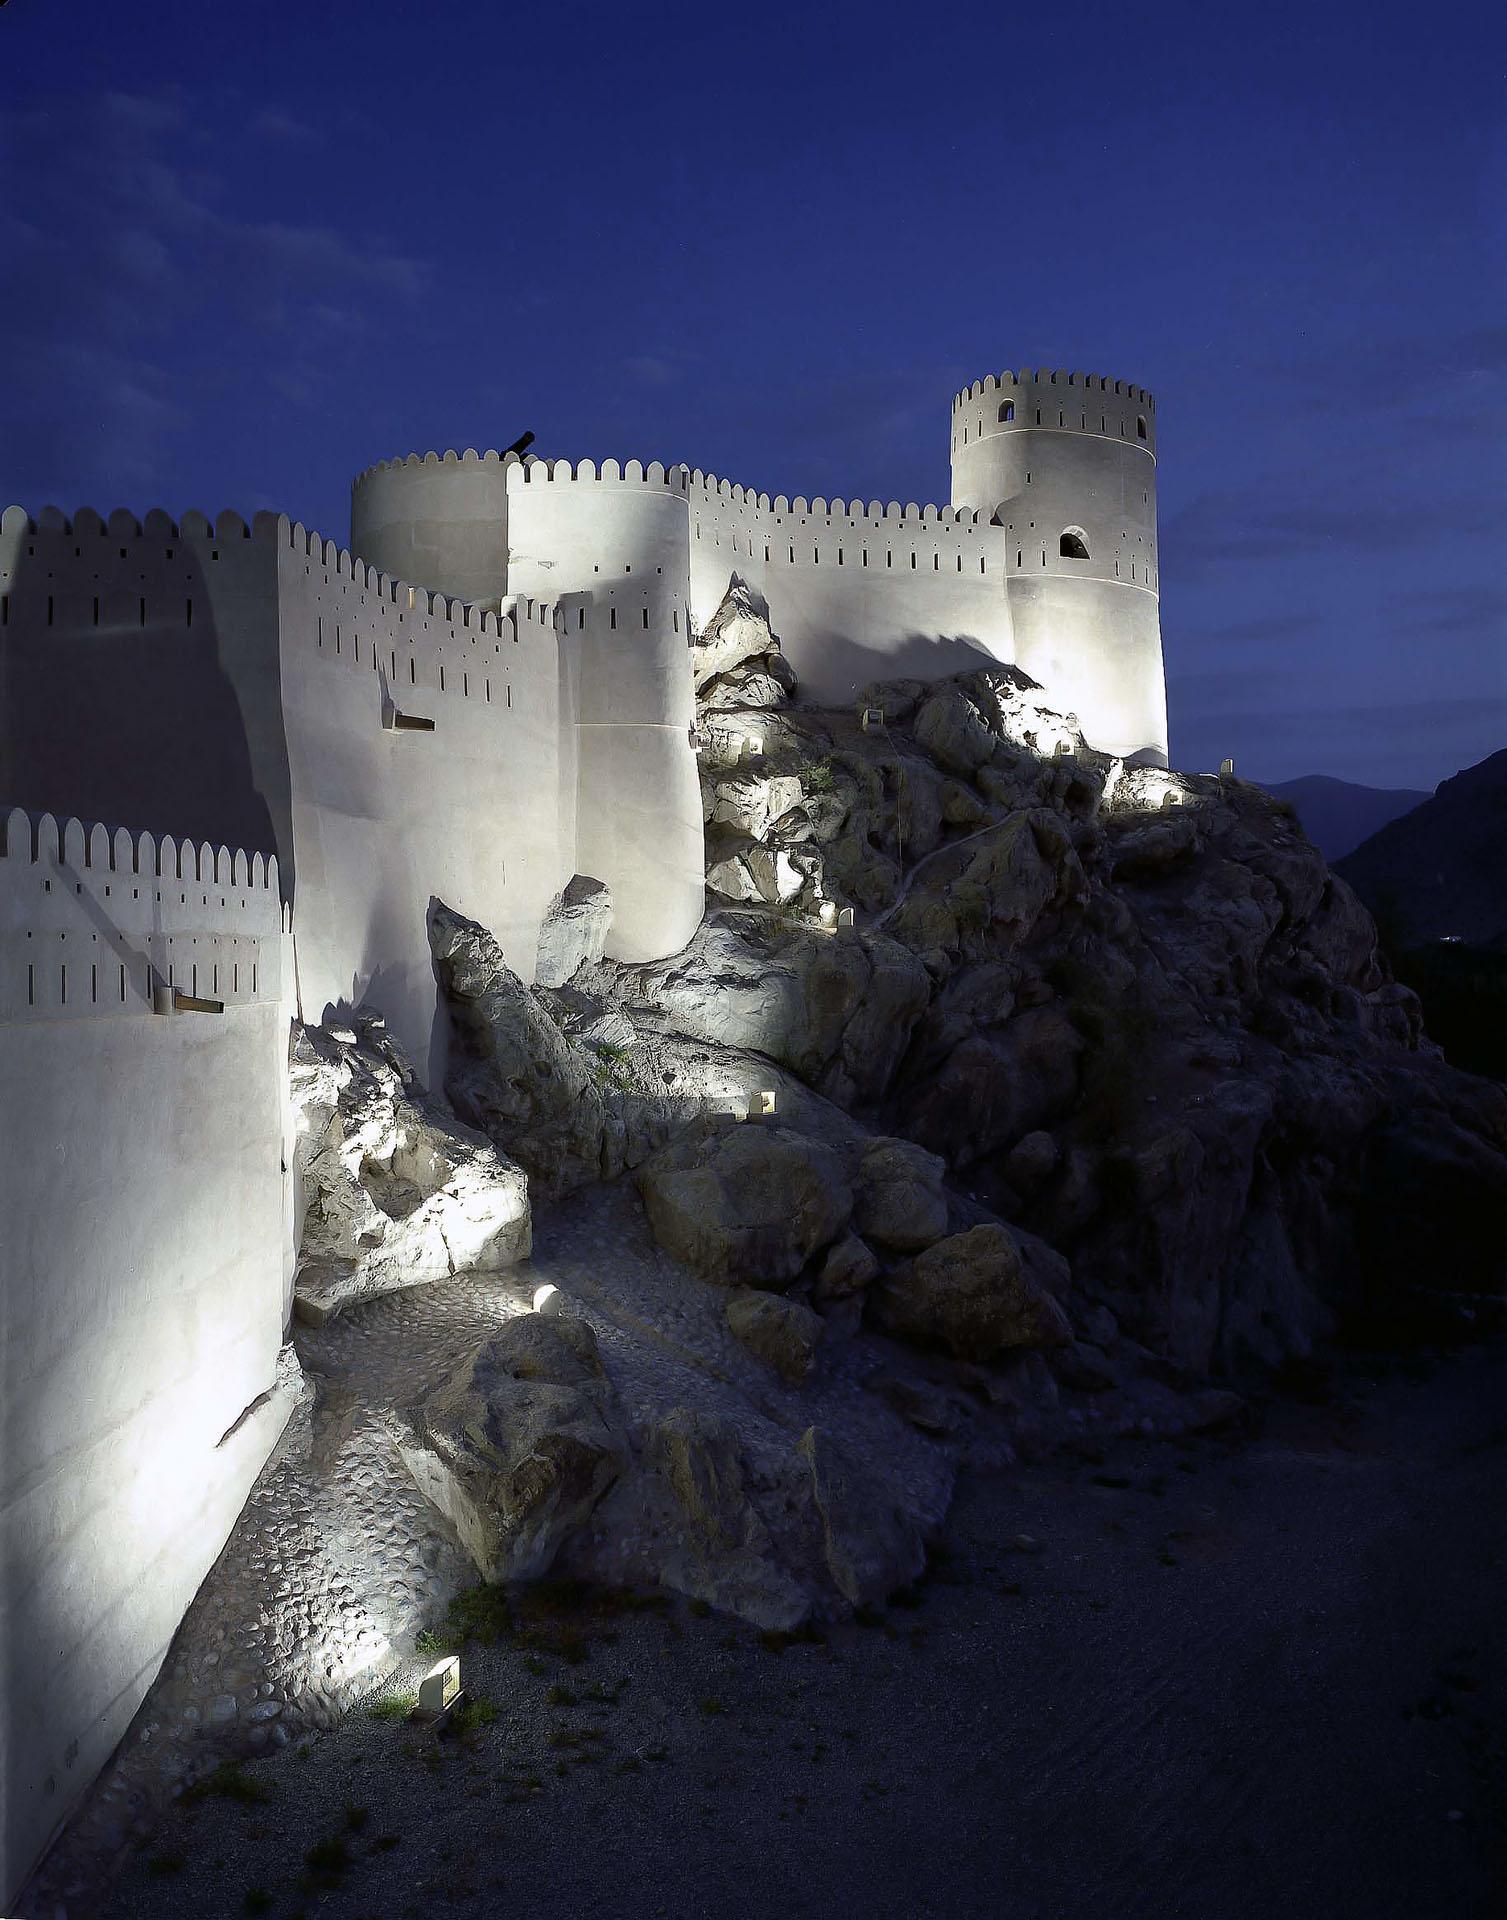 Nakhal Fort, Oman